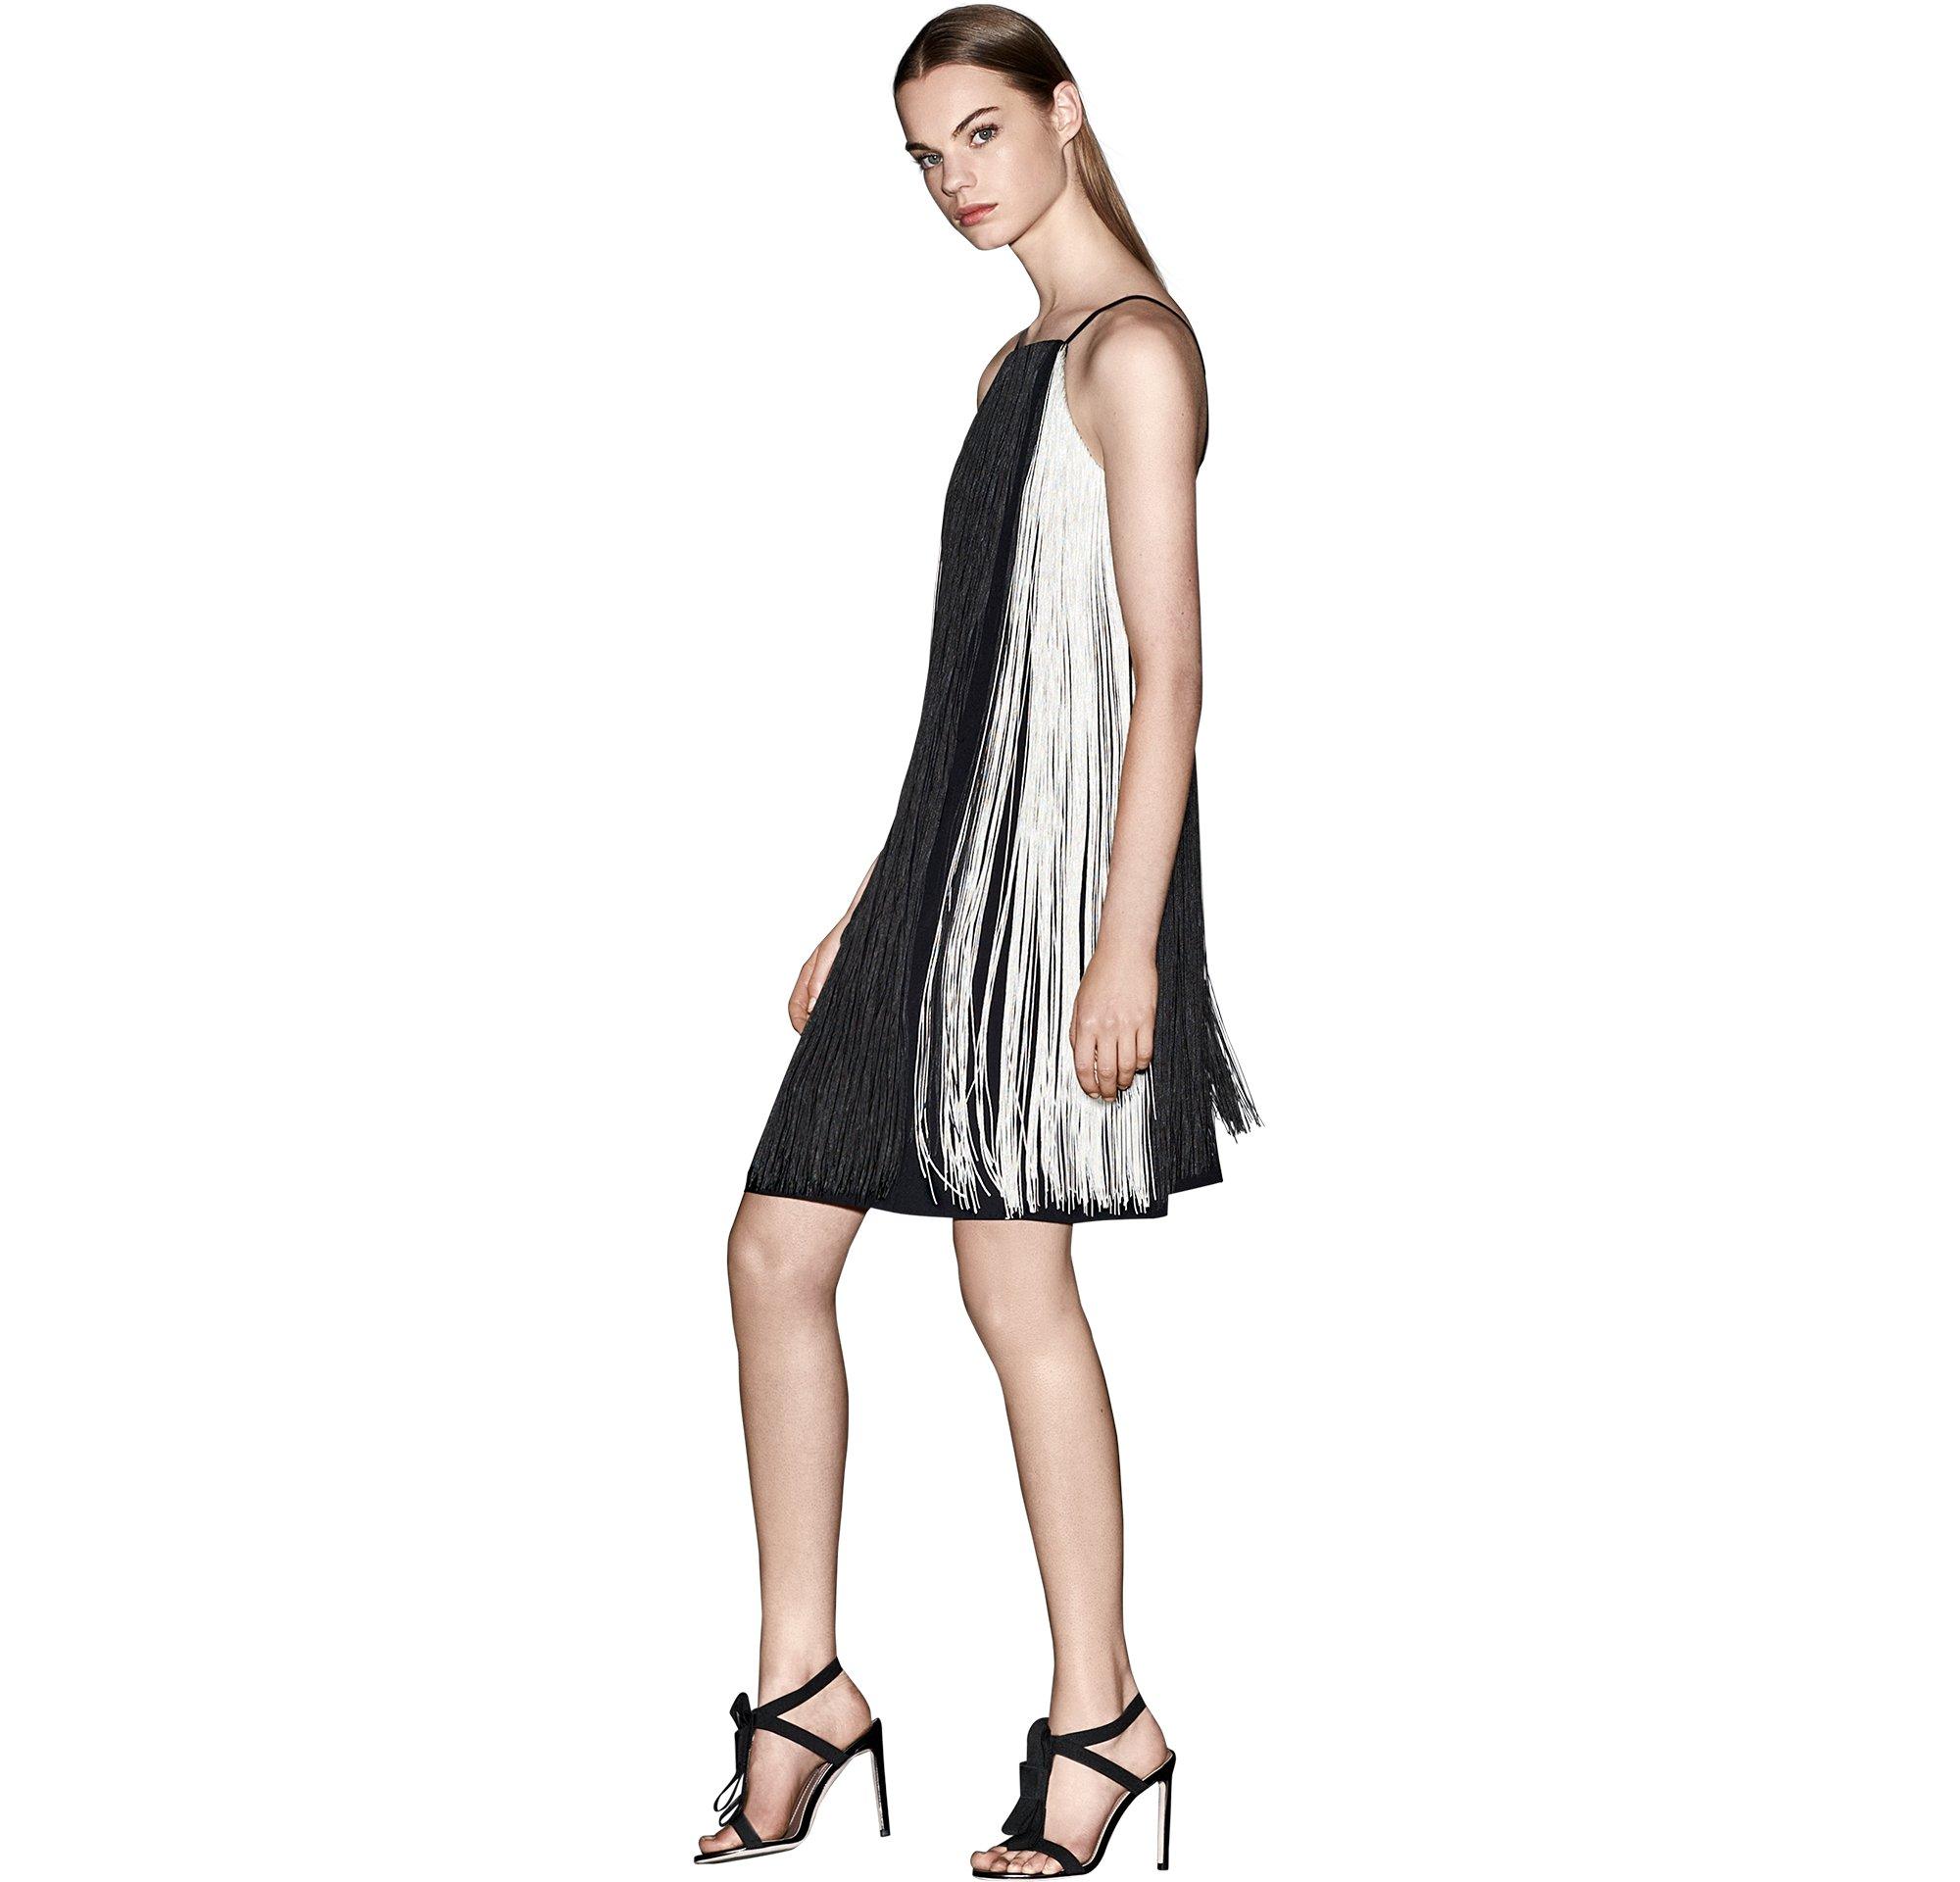 Schwarzes Kleid und schwarze Schuhe von BOSS